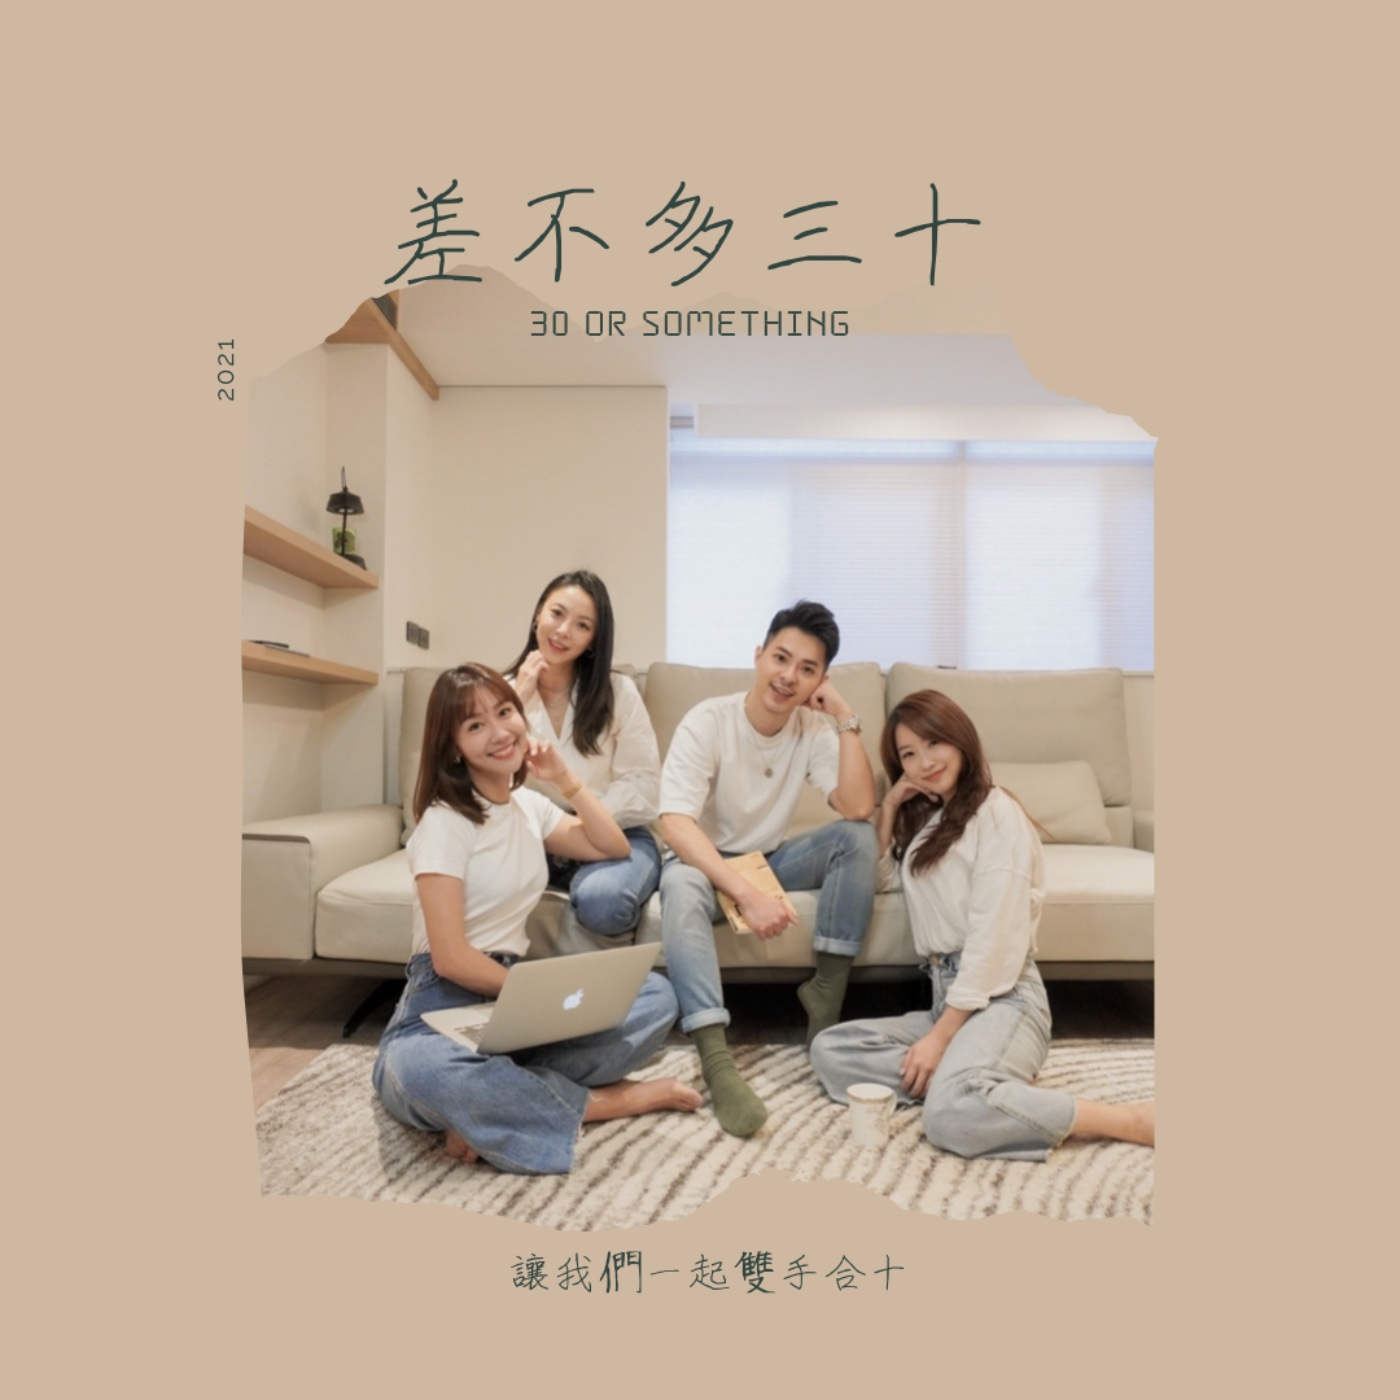 啥款!來聊電影《當男人戀愛時》feat.監製金百倫